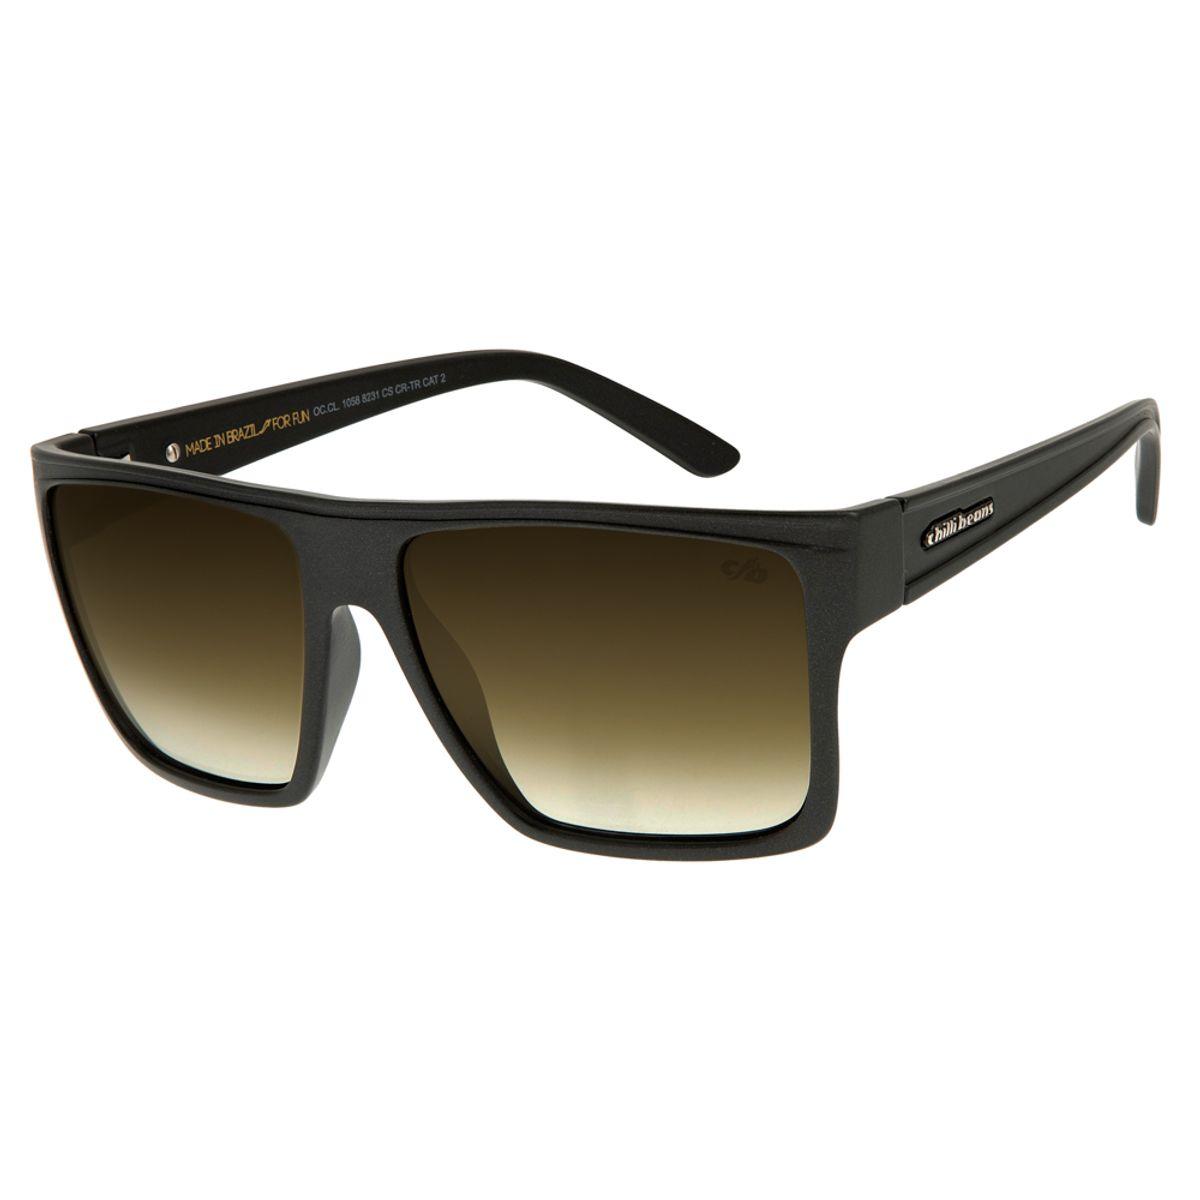 925a3cad7 Óculos de Sol Unissex Chilli Beans Preto 1058 - OC.CL.1058.8231 M. REF:  OC.CL.1058.8231. OC.